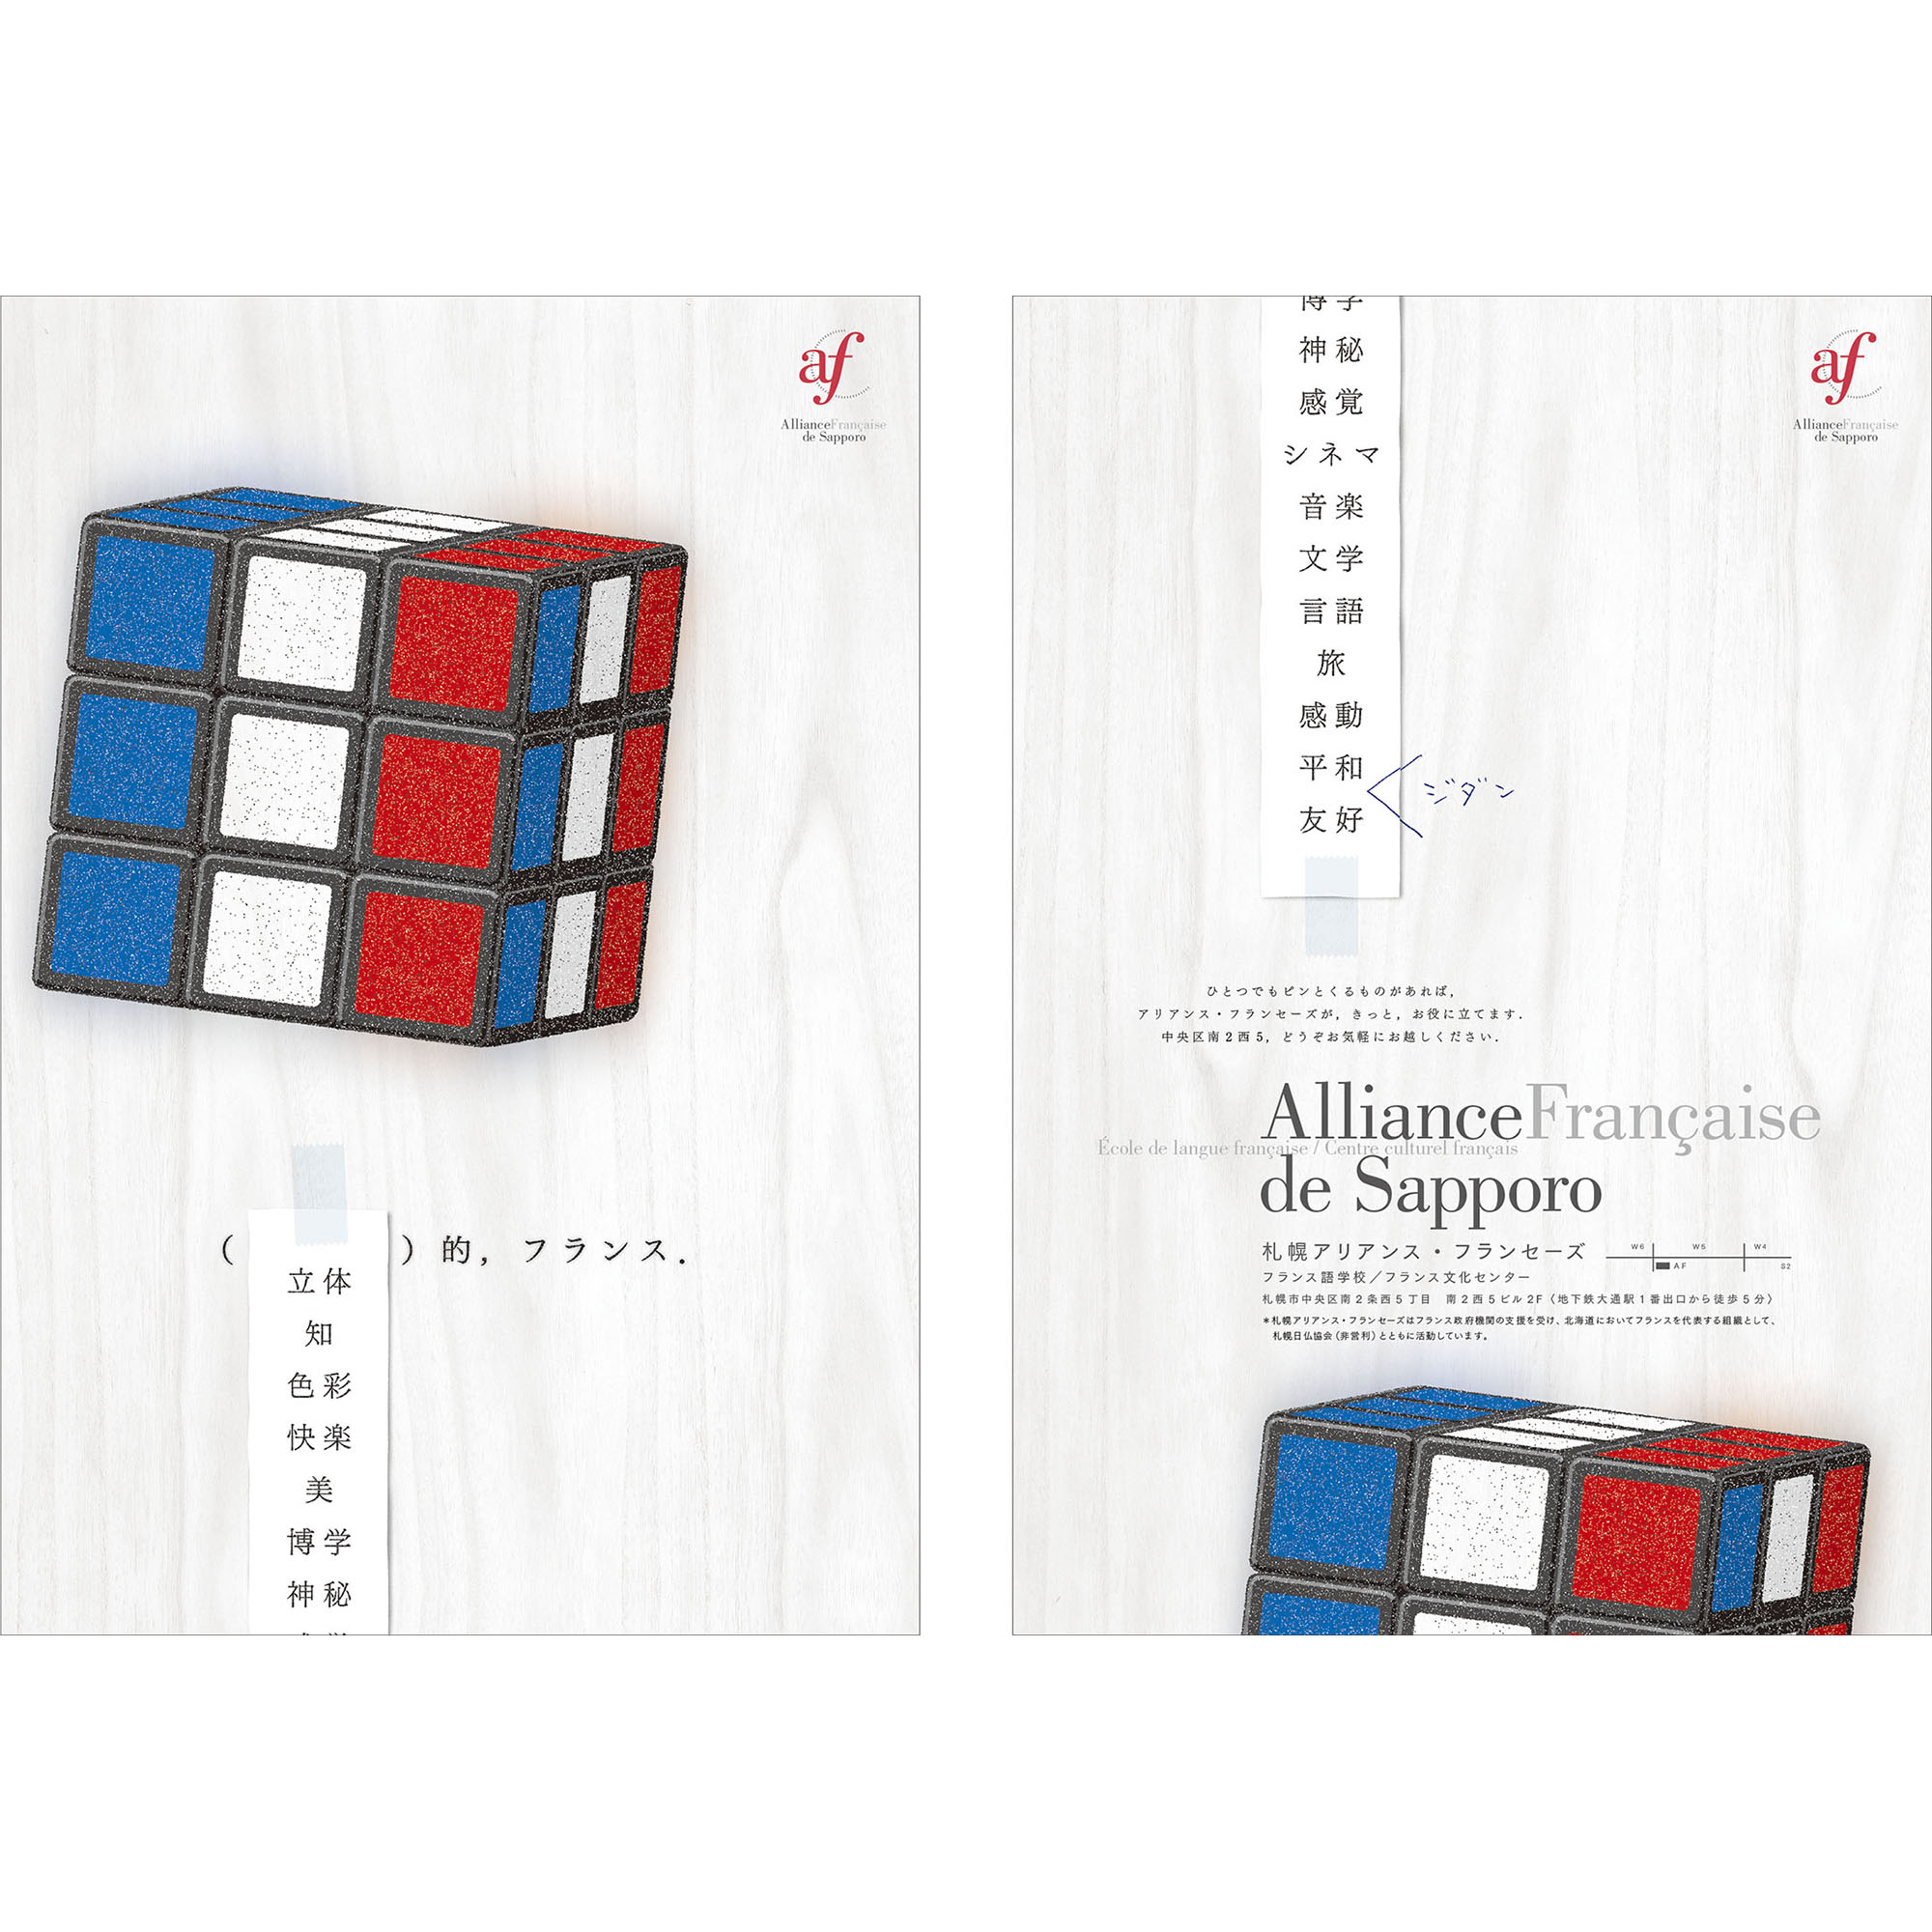 Alliance Française de Sapporo